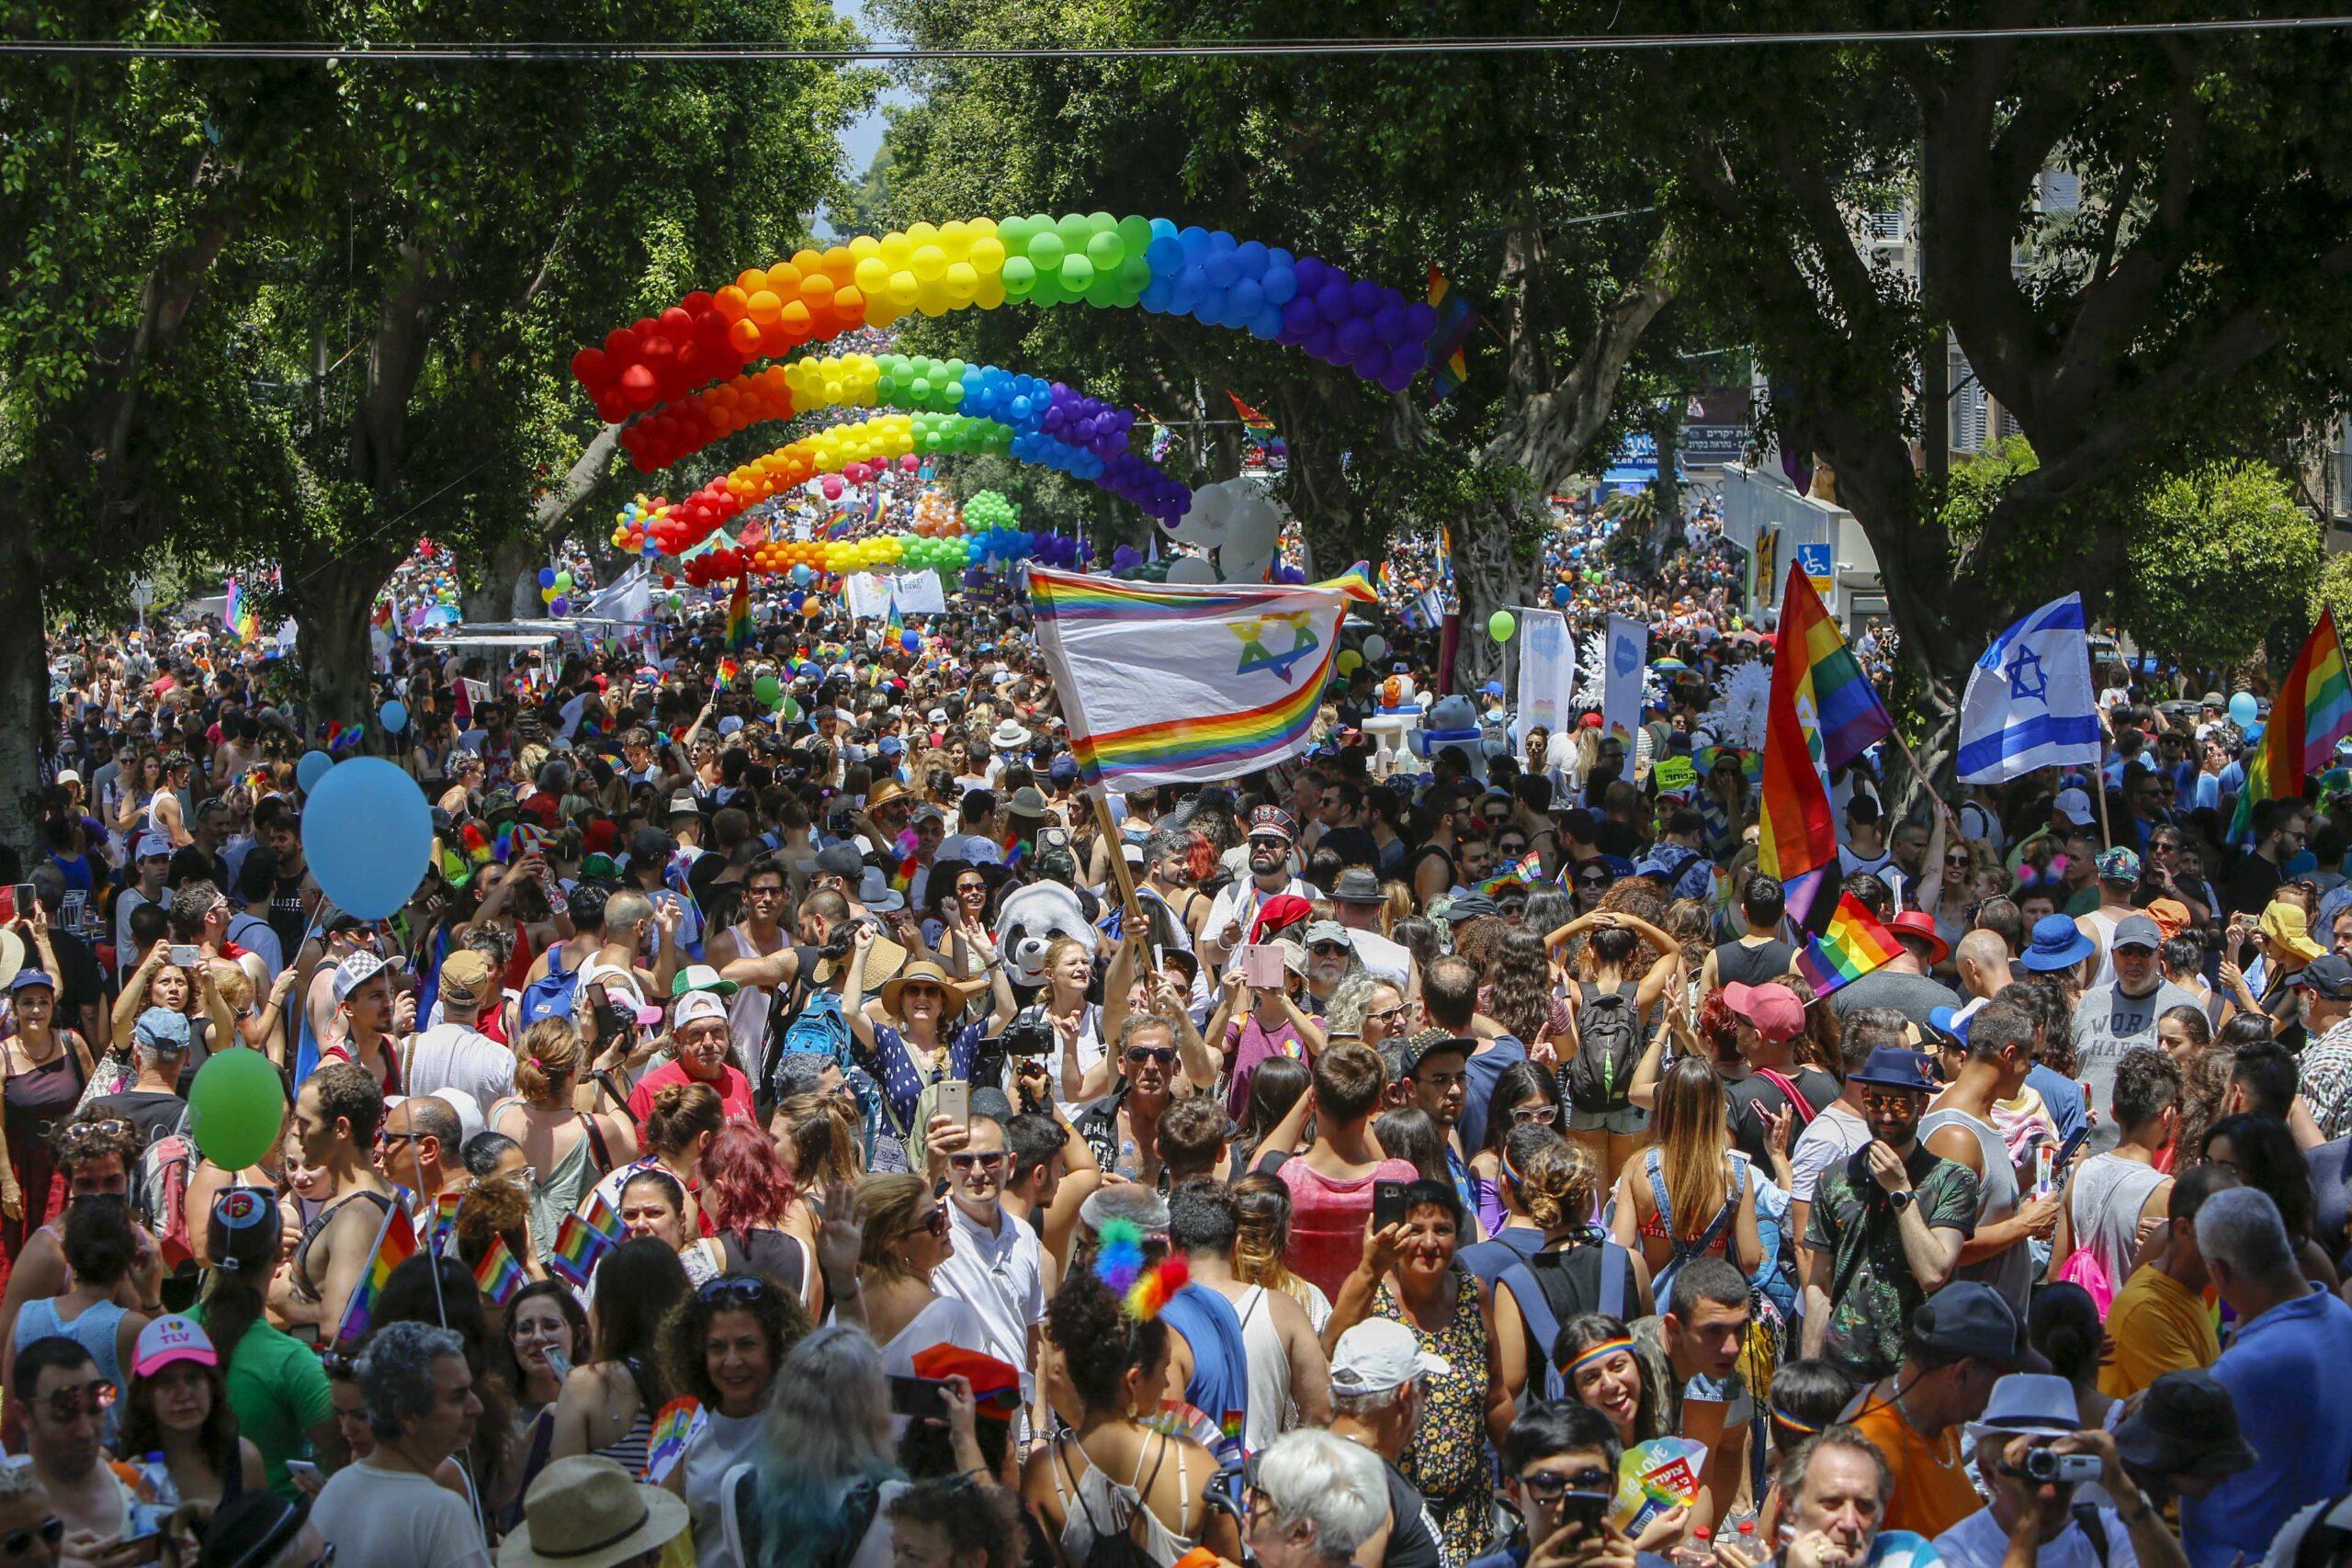 Em 2019, a Parada LGBT+ de Tel Aviv recebeu mais de 250 mil pessoas. (Foto: Tel Aviv-Yafo Municipality/Guy Yechiely)